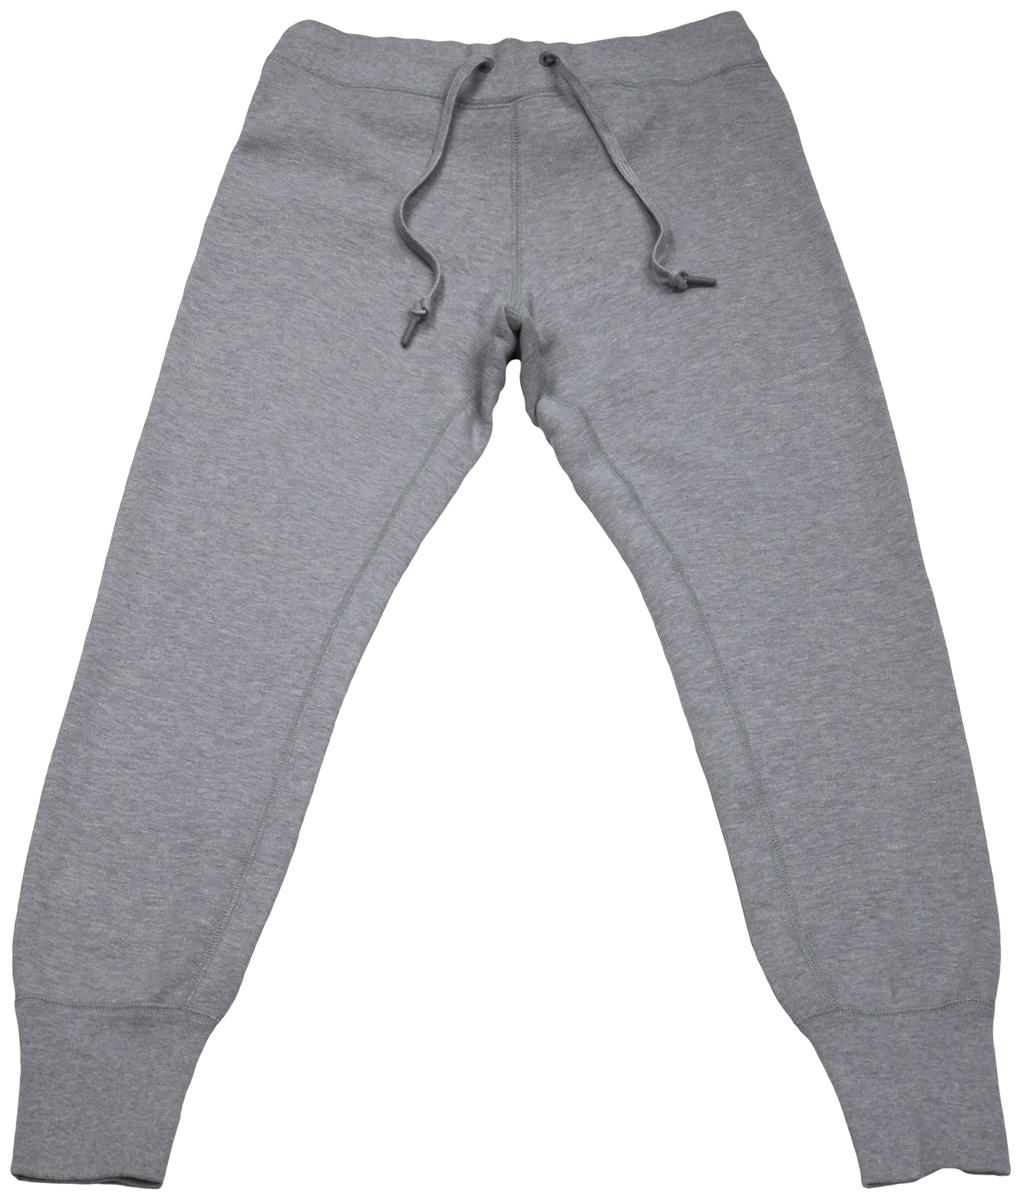 Брюки спортивные10001020001Удобные женские спортивные брюки Converse, выполненные из натурального хлопка, великолепно подойдут для отдыха, повседневной носки, а также для занятий спортом. Модель средней посадки имеет широкую эластичную резинку на поясе, объем талии регулируется при помощи шнурка-кулиски. Низ брючин дополнен широкими манжетами.